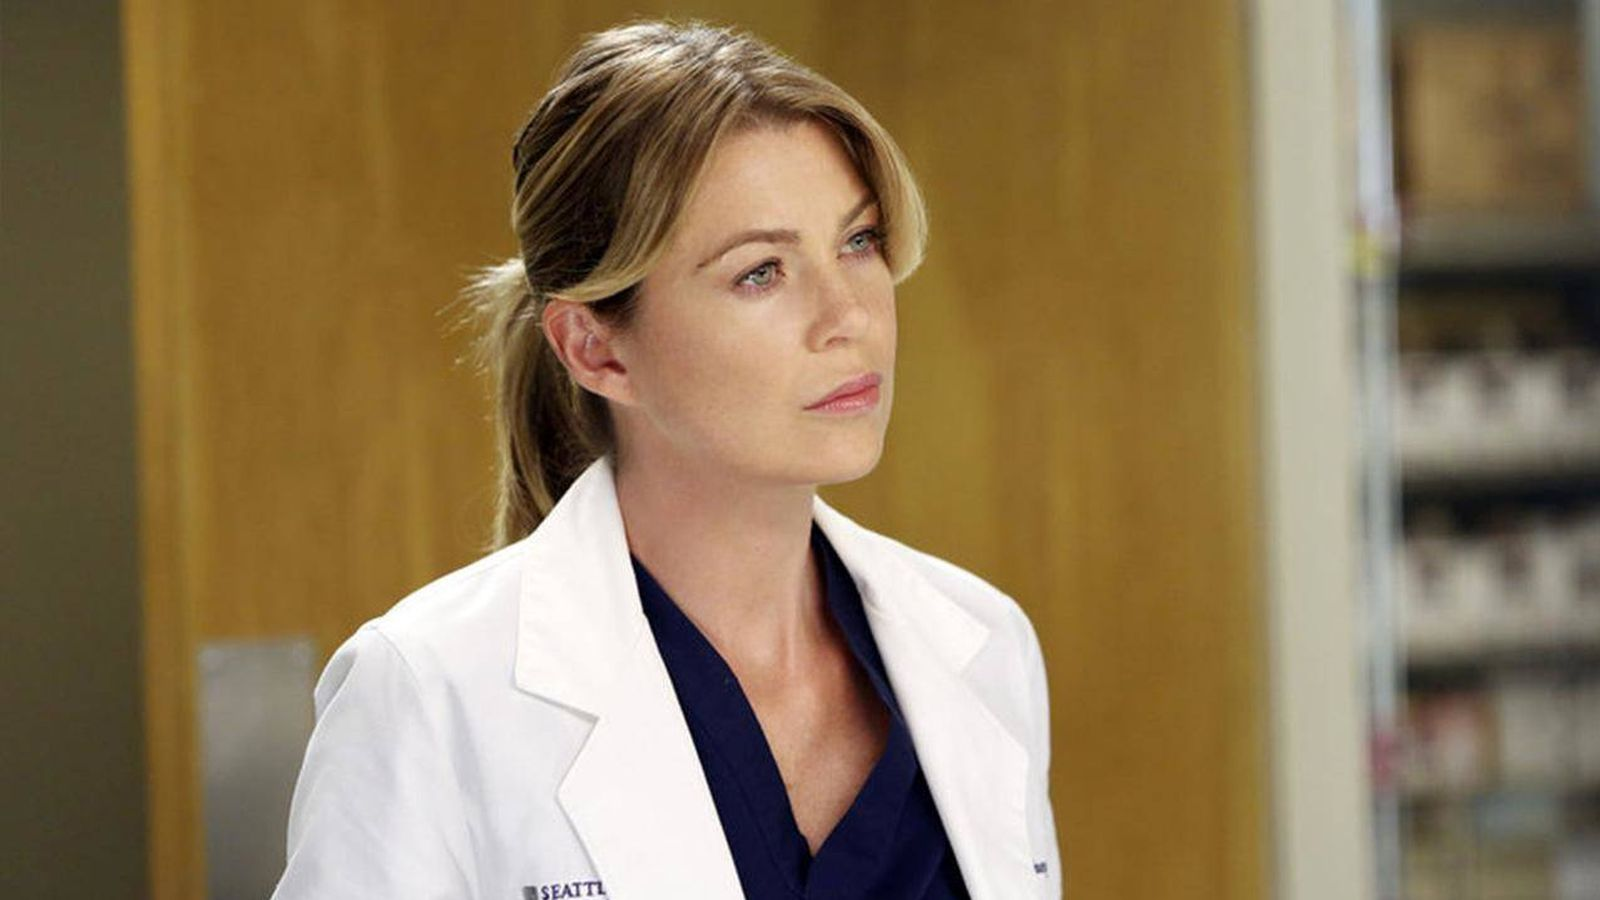 Foto: 'Anatomía de Grey' tendrá un nuevo spin-off en ABC.